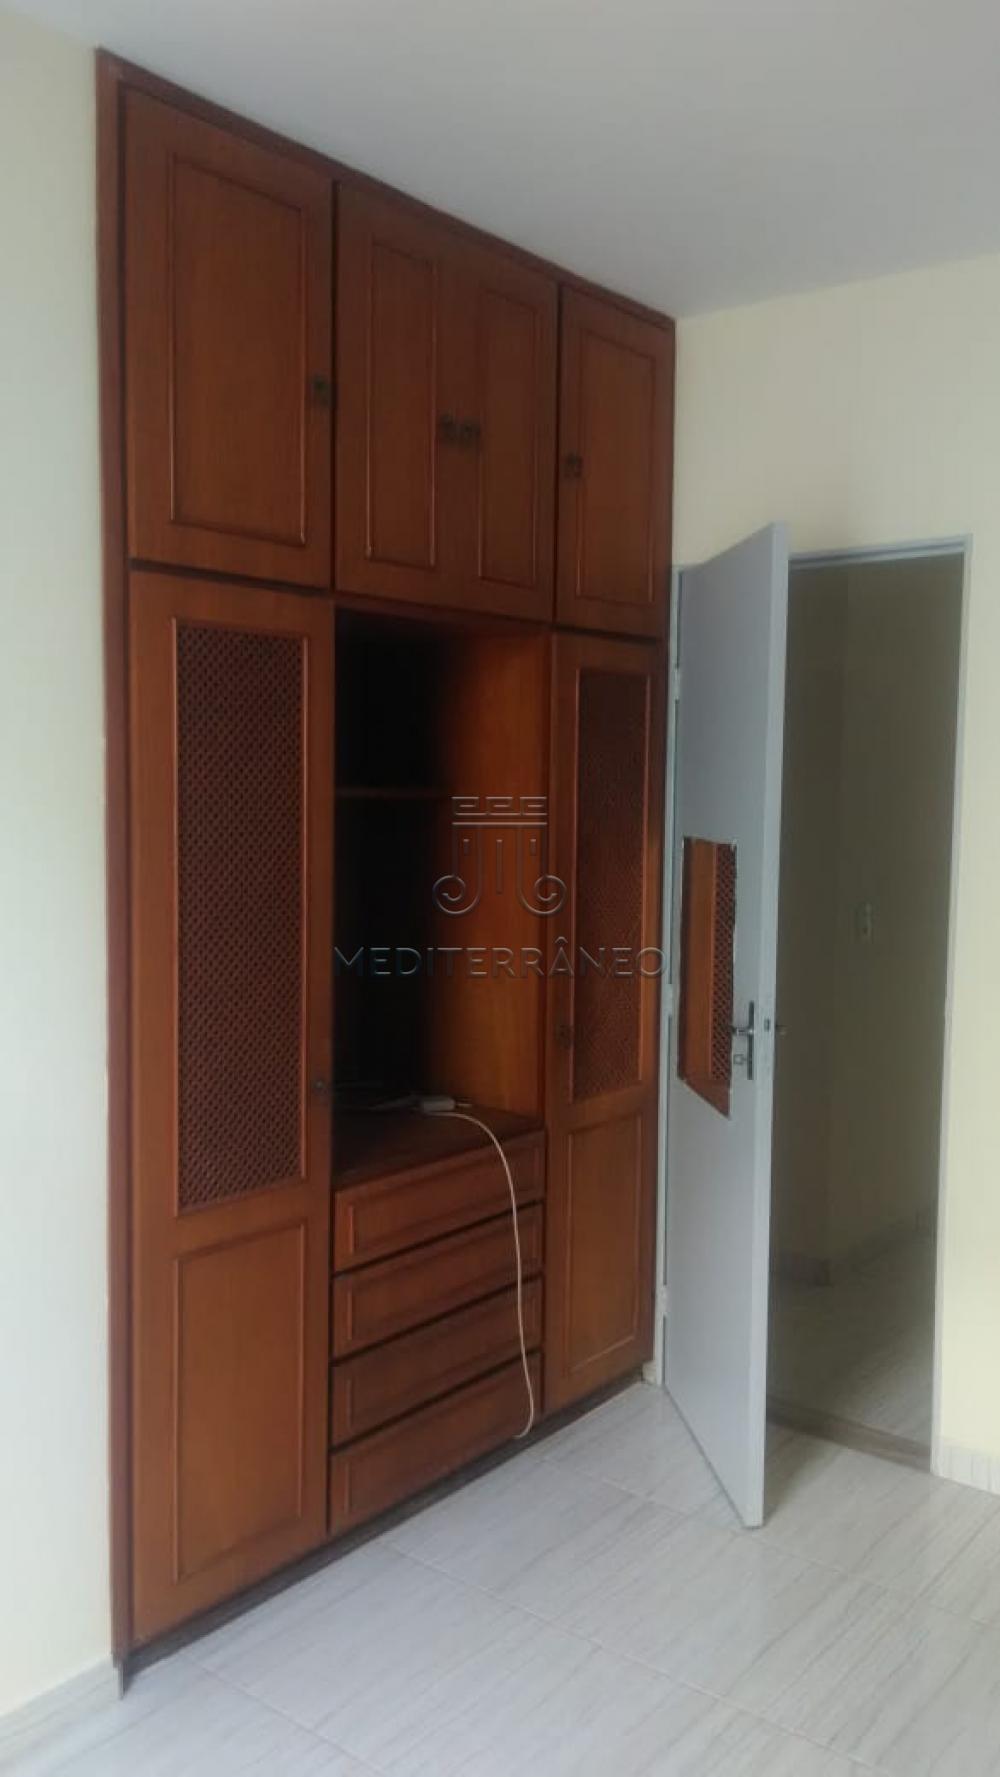 Alugar Apartamento / Padrão em Jundiaí apenas R$ 1.000,00 - Foto 6